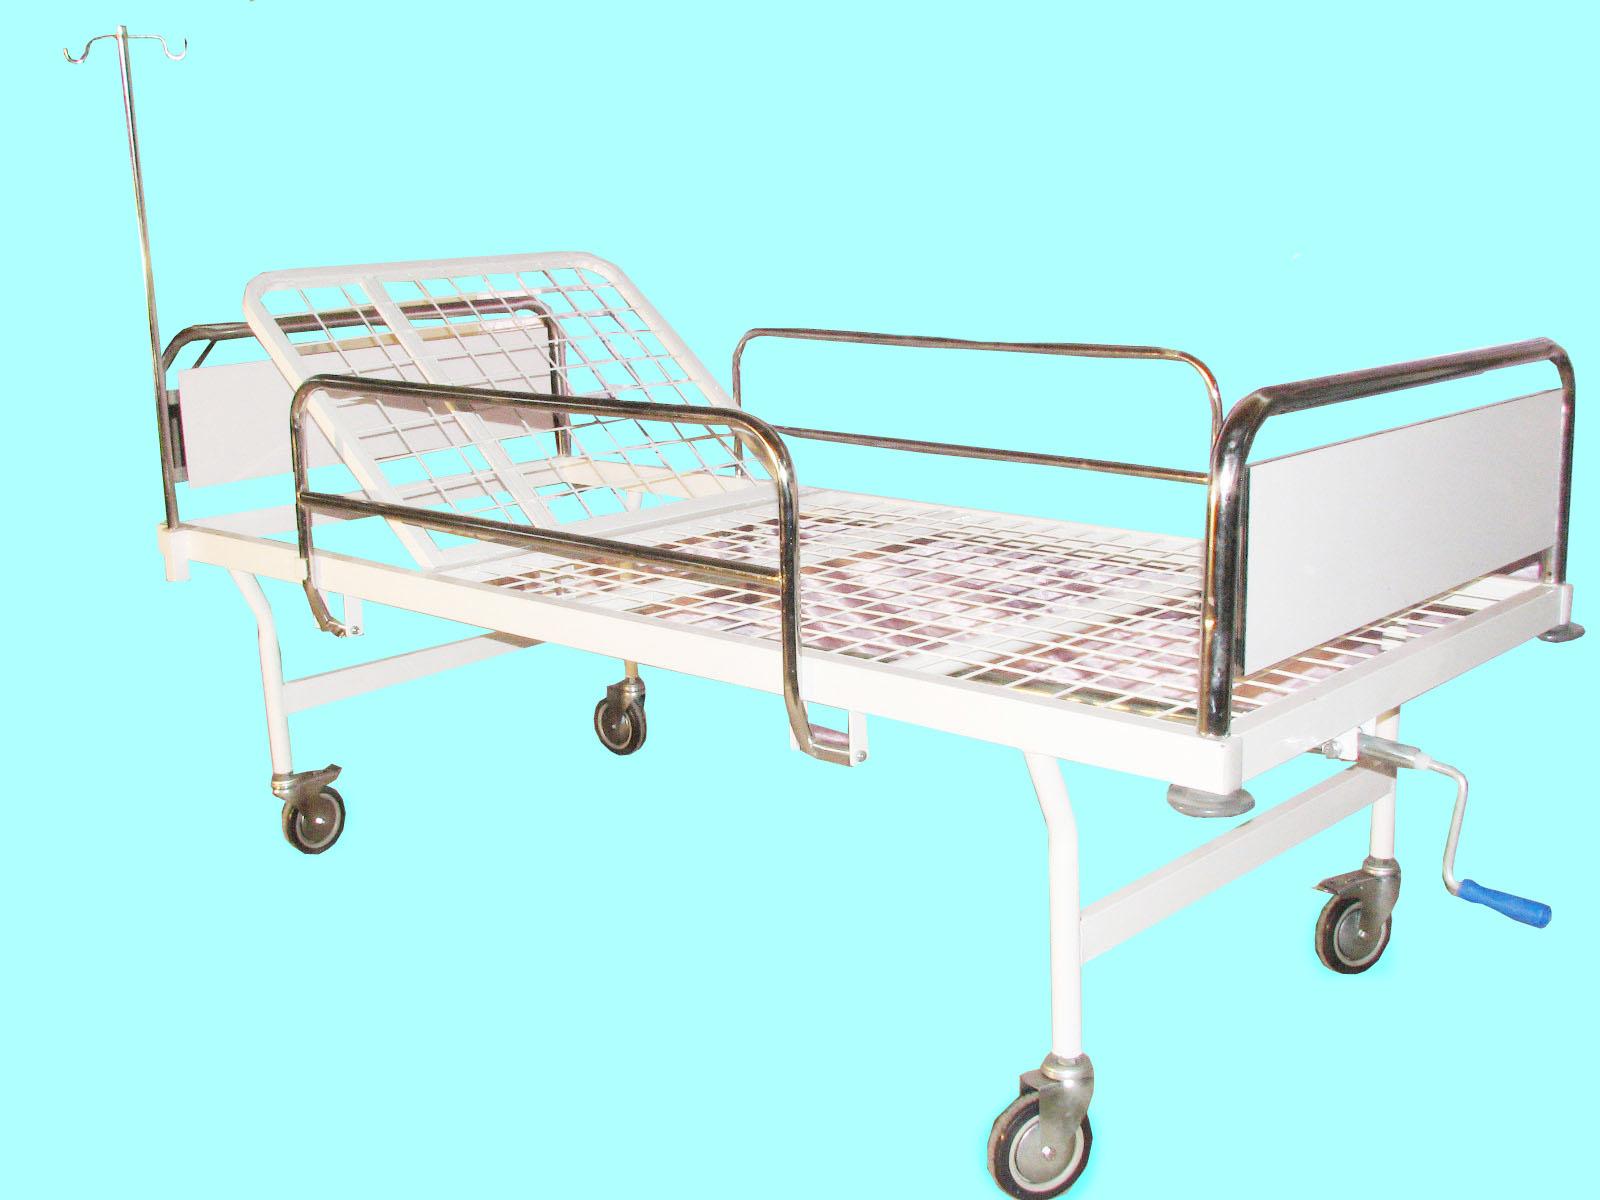 ضدعفونی تخت بیمار با توجه به ویروس کرونا